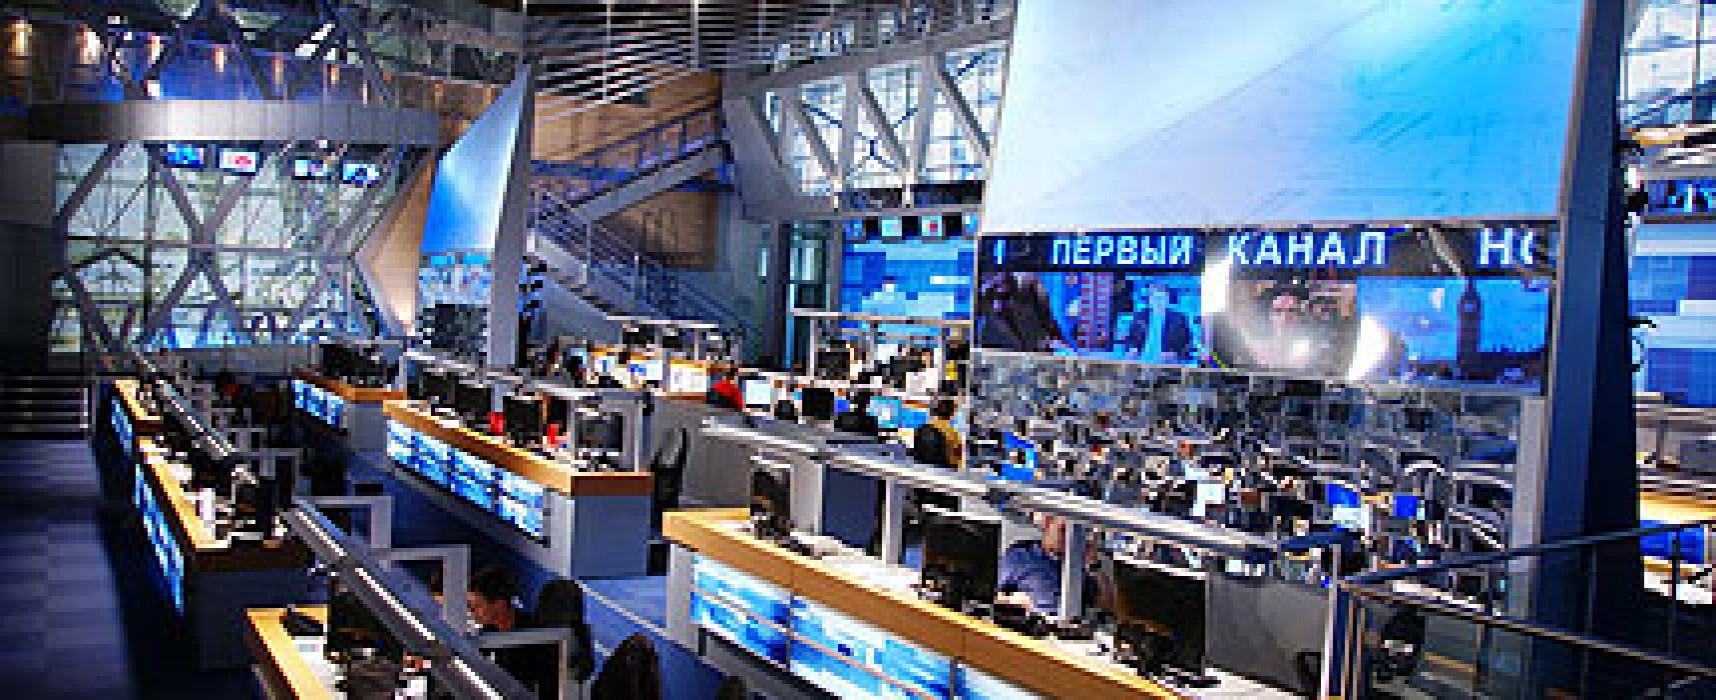 Главные телевизионные «рупоры Кремля» стали убыточными